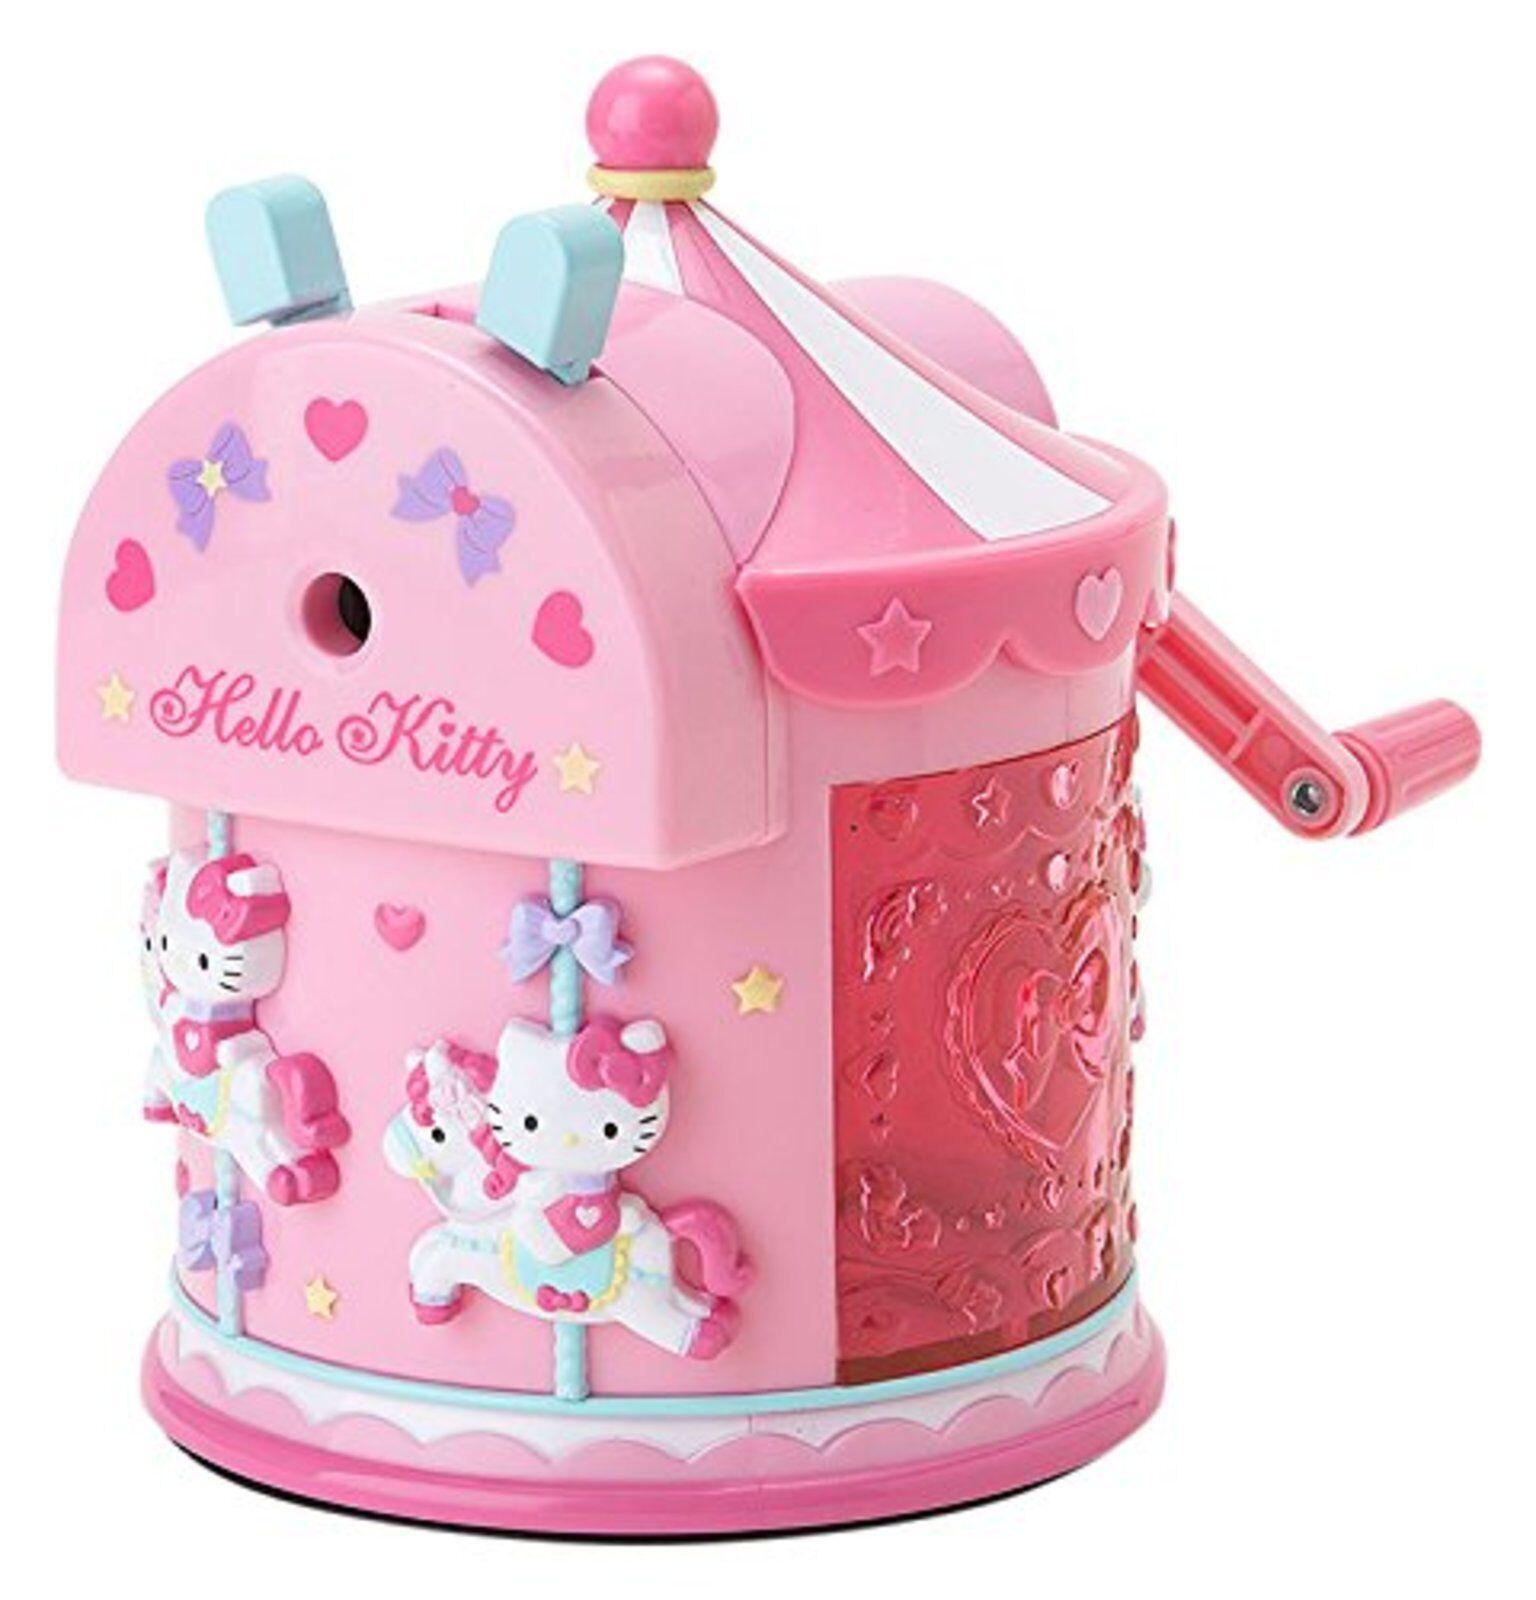 Hello Kitty uomouale Temperino Giostra Dei Cavtuttii  F S W Tracciamento Testa    presa di marca